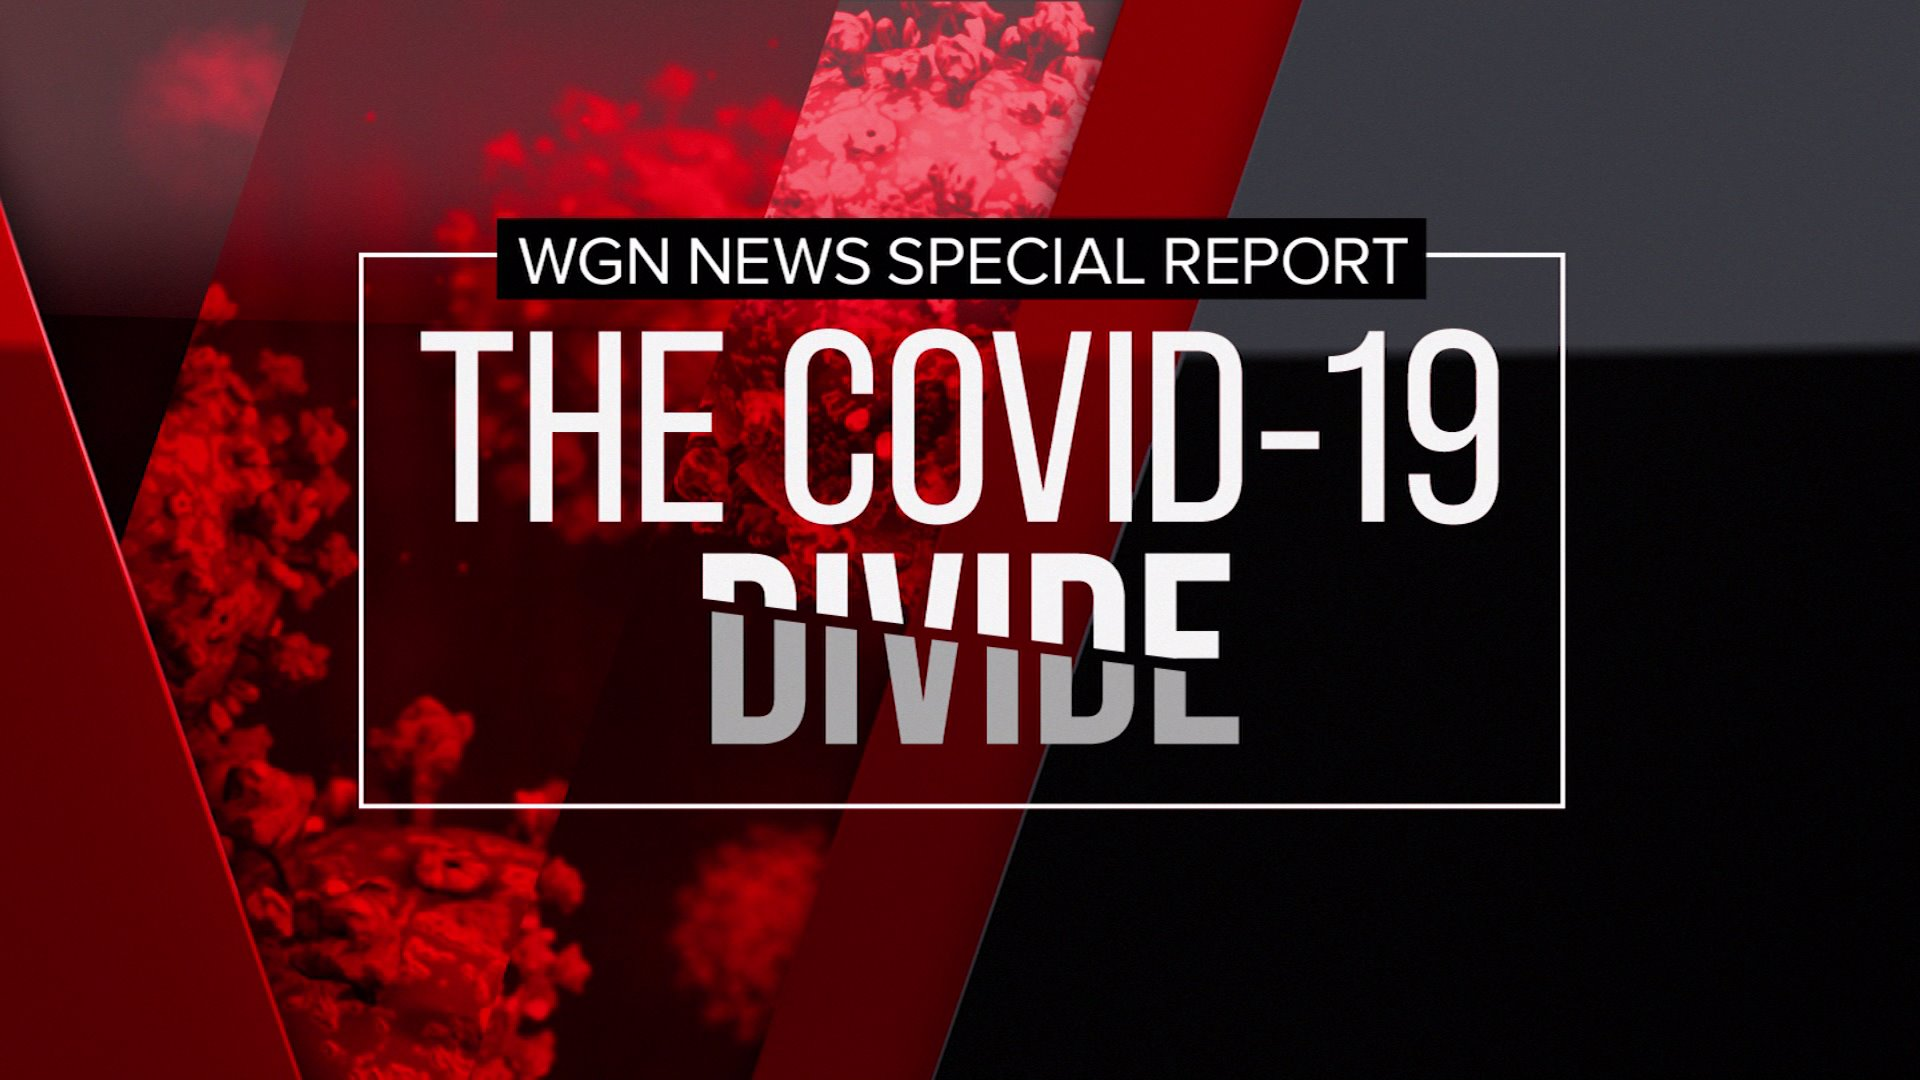 COVID-19 Divide